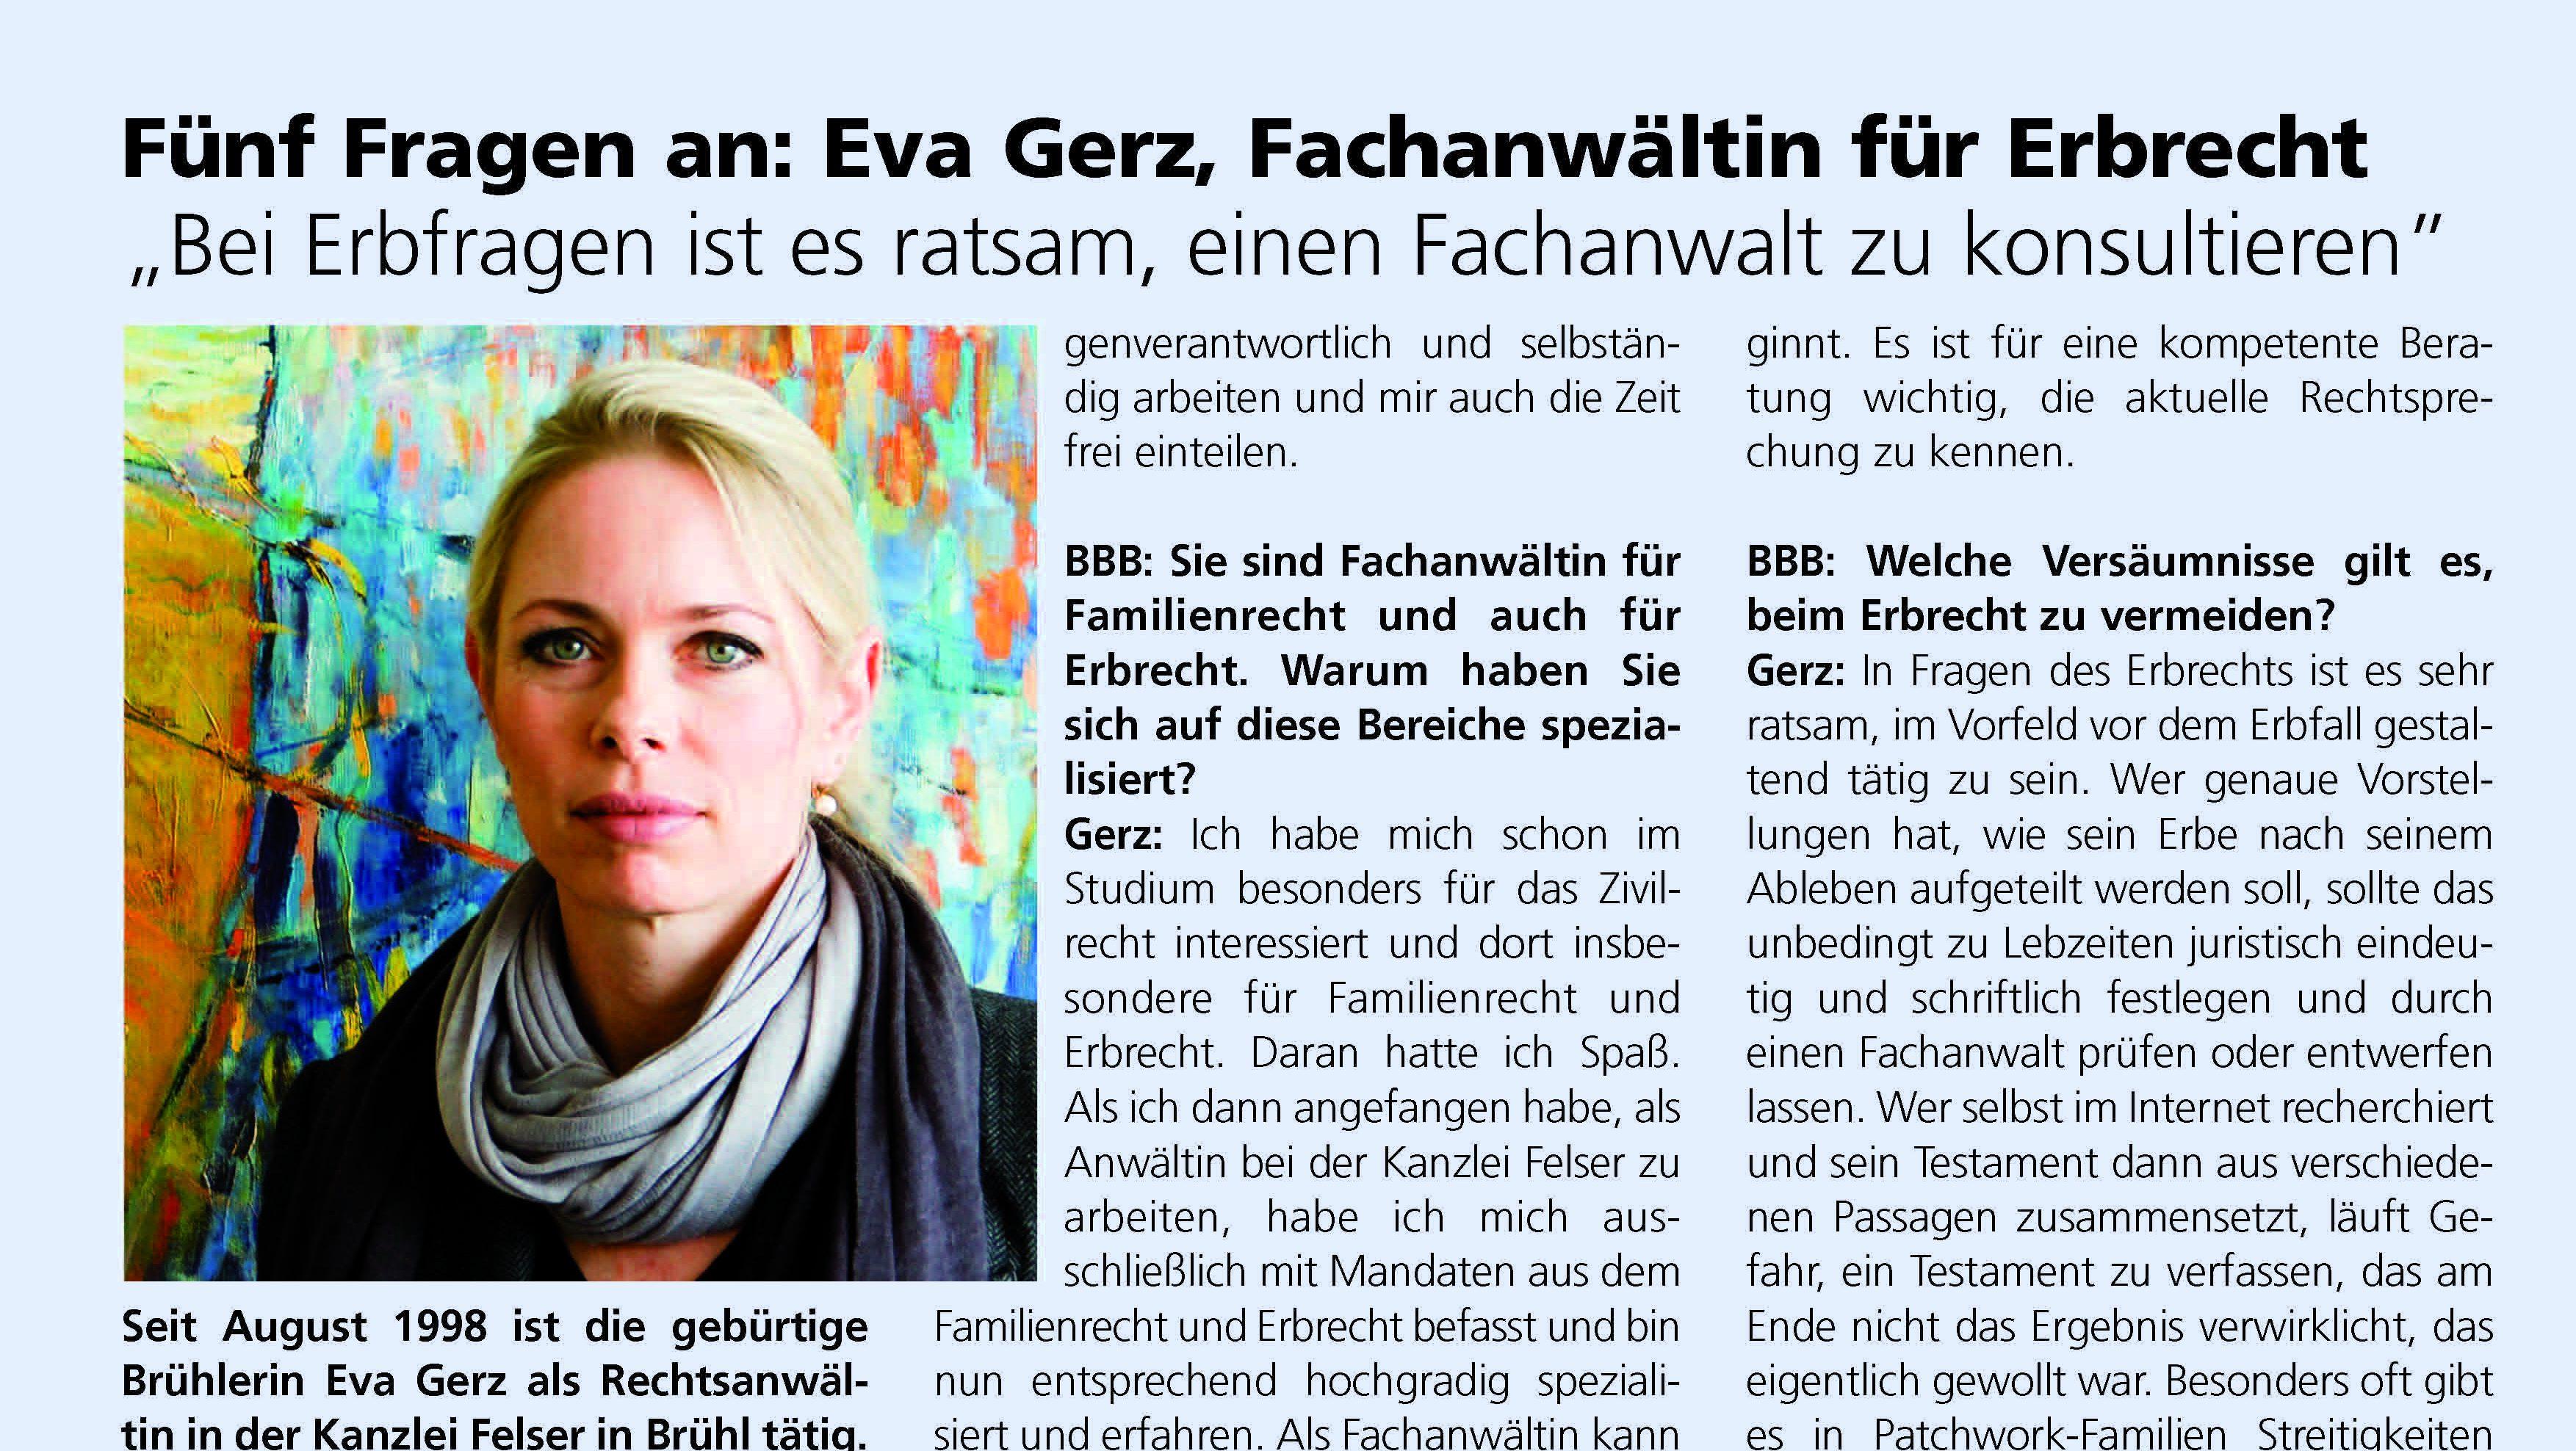 Erbrecht – Fünf Fragen an: Eva Gerz, Fachanwältin für Erbrecht